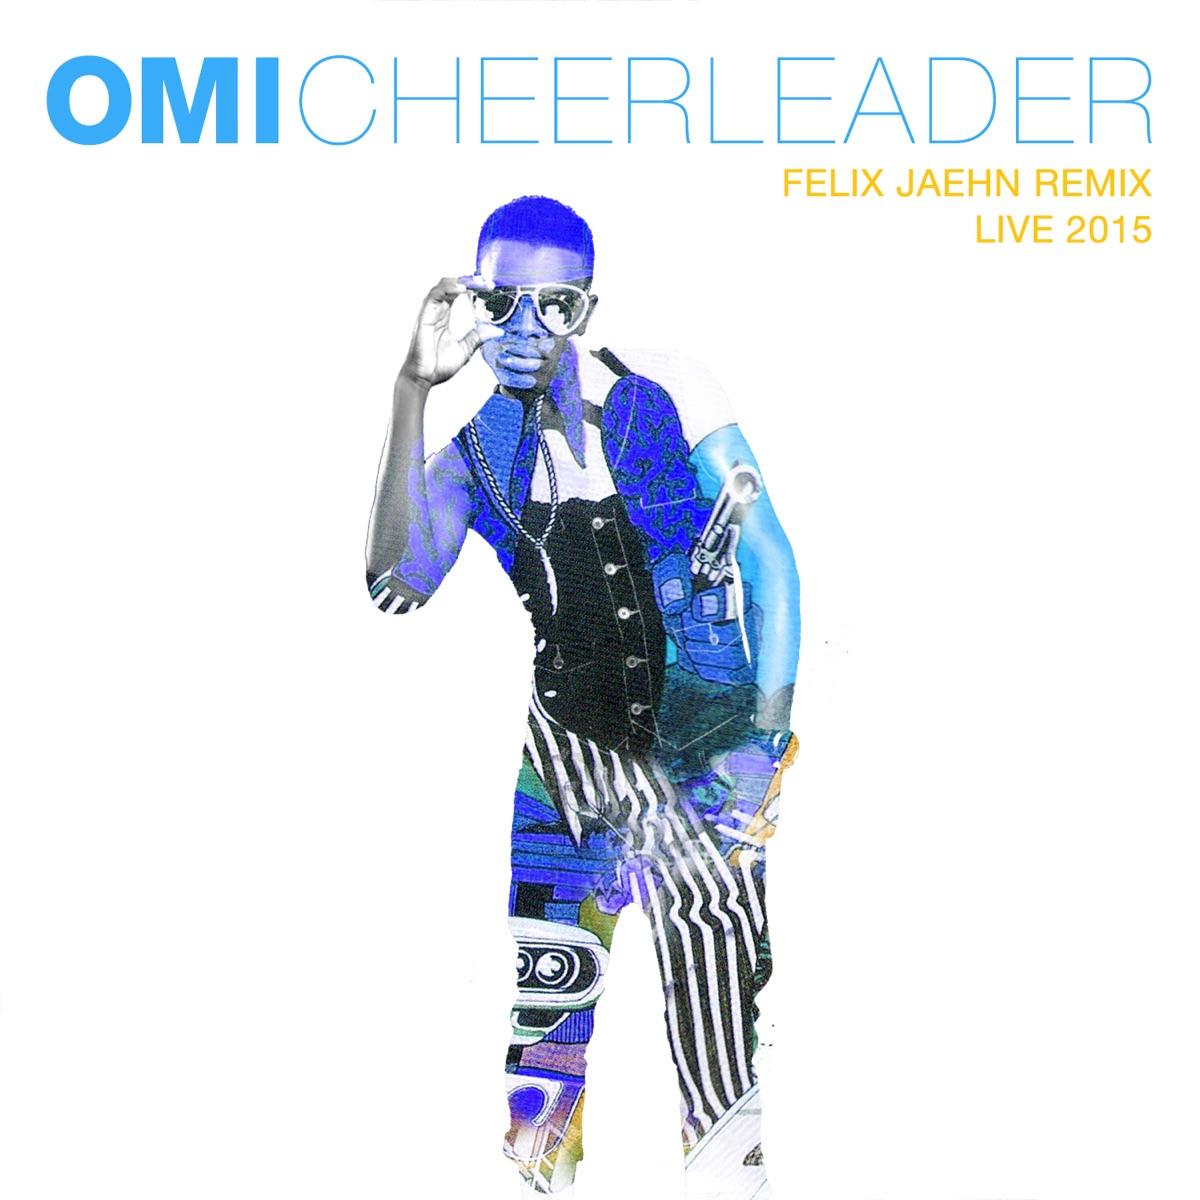 Omi cheerleader felix jaehn remix with the new england patriots cheerleaders - 5 1